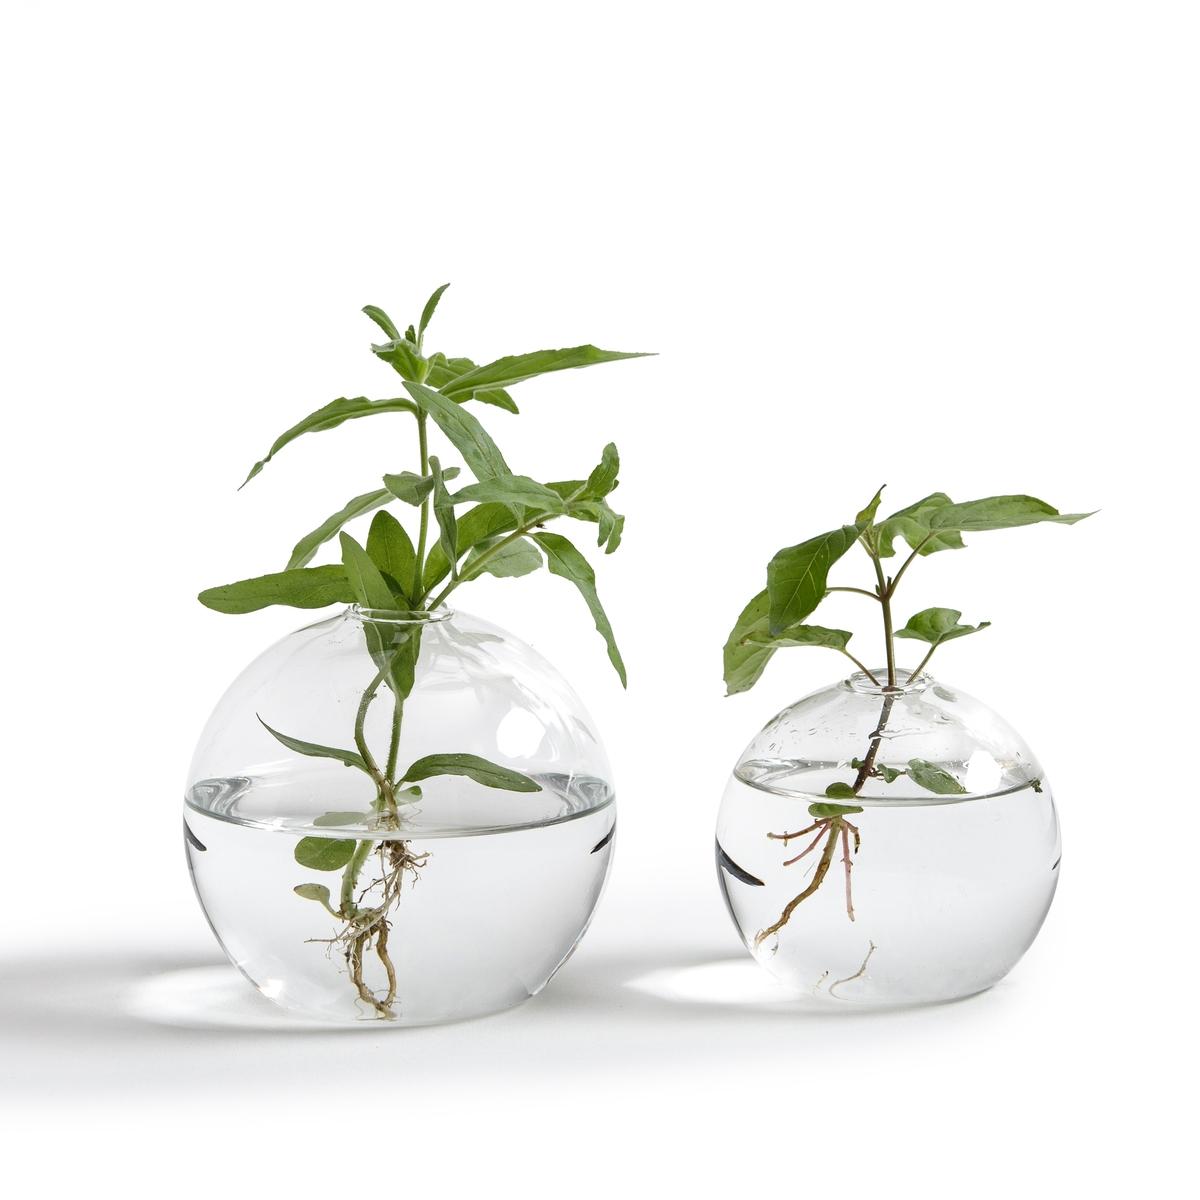 2 вазы для одного цветка, Cicerone